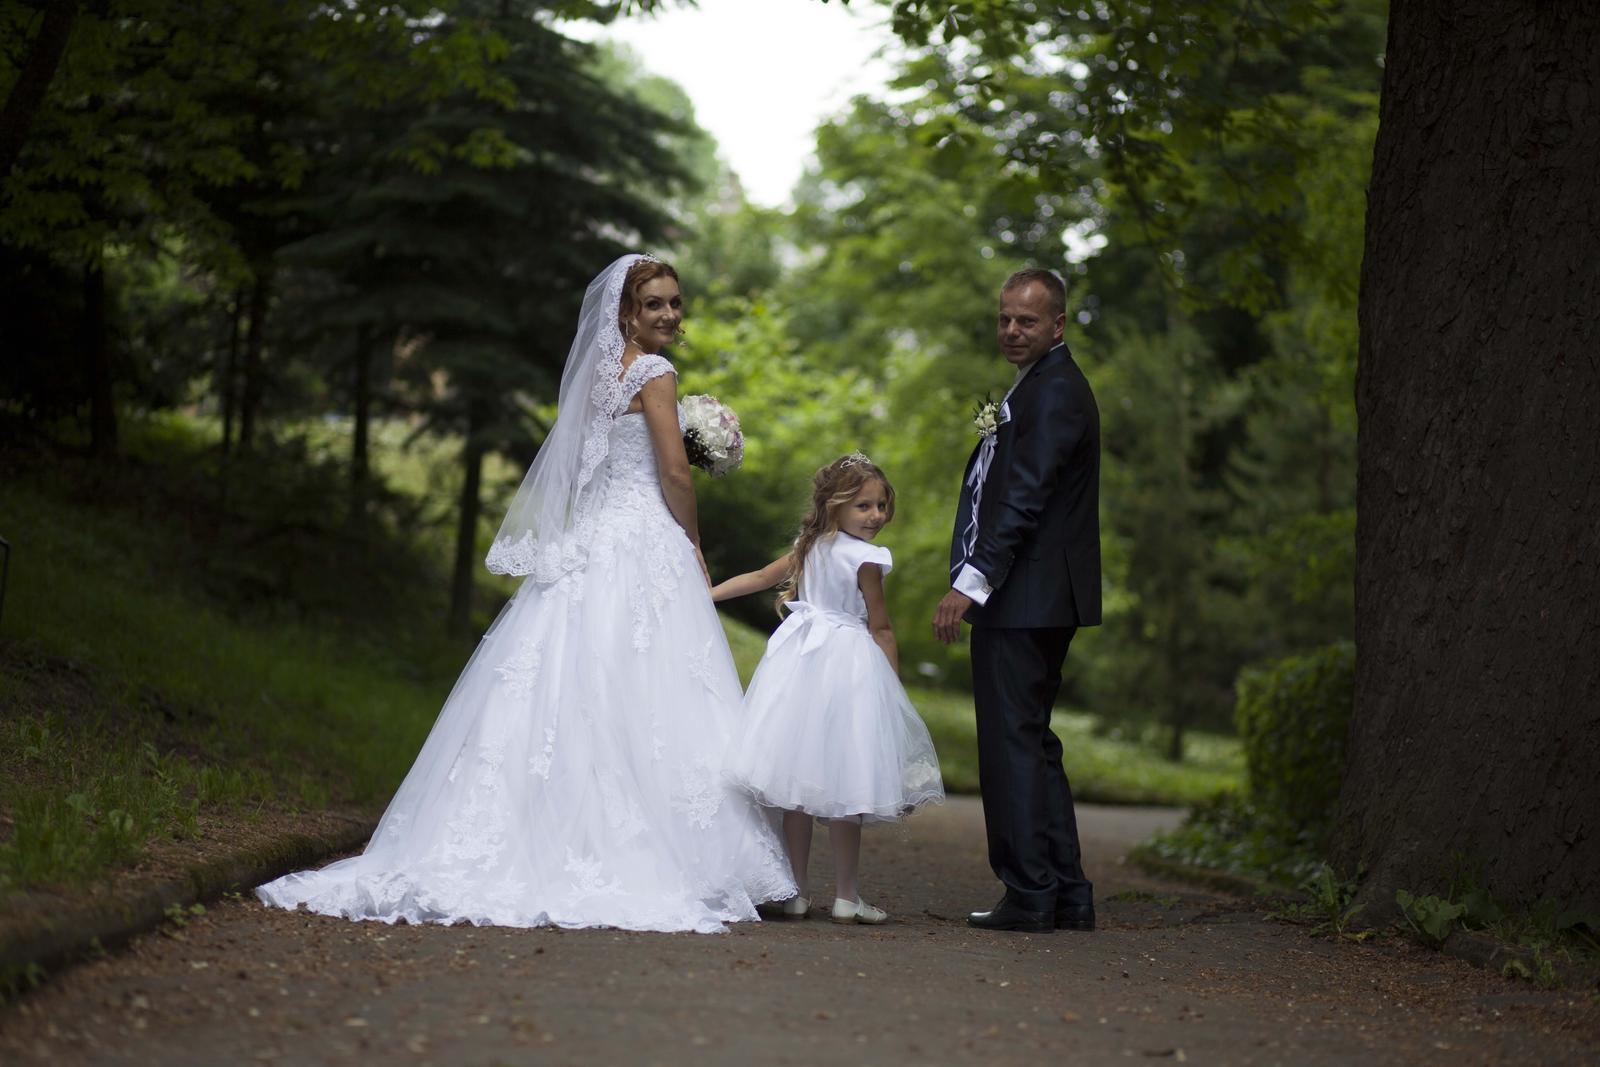 Naša svadbička 18.5.2018 - Obrázok č. 1